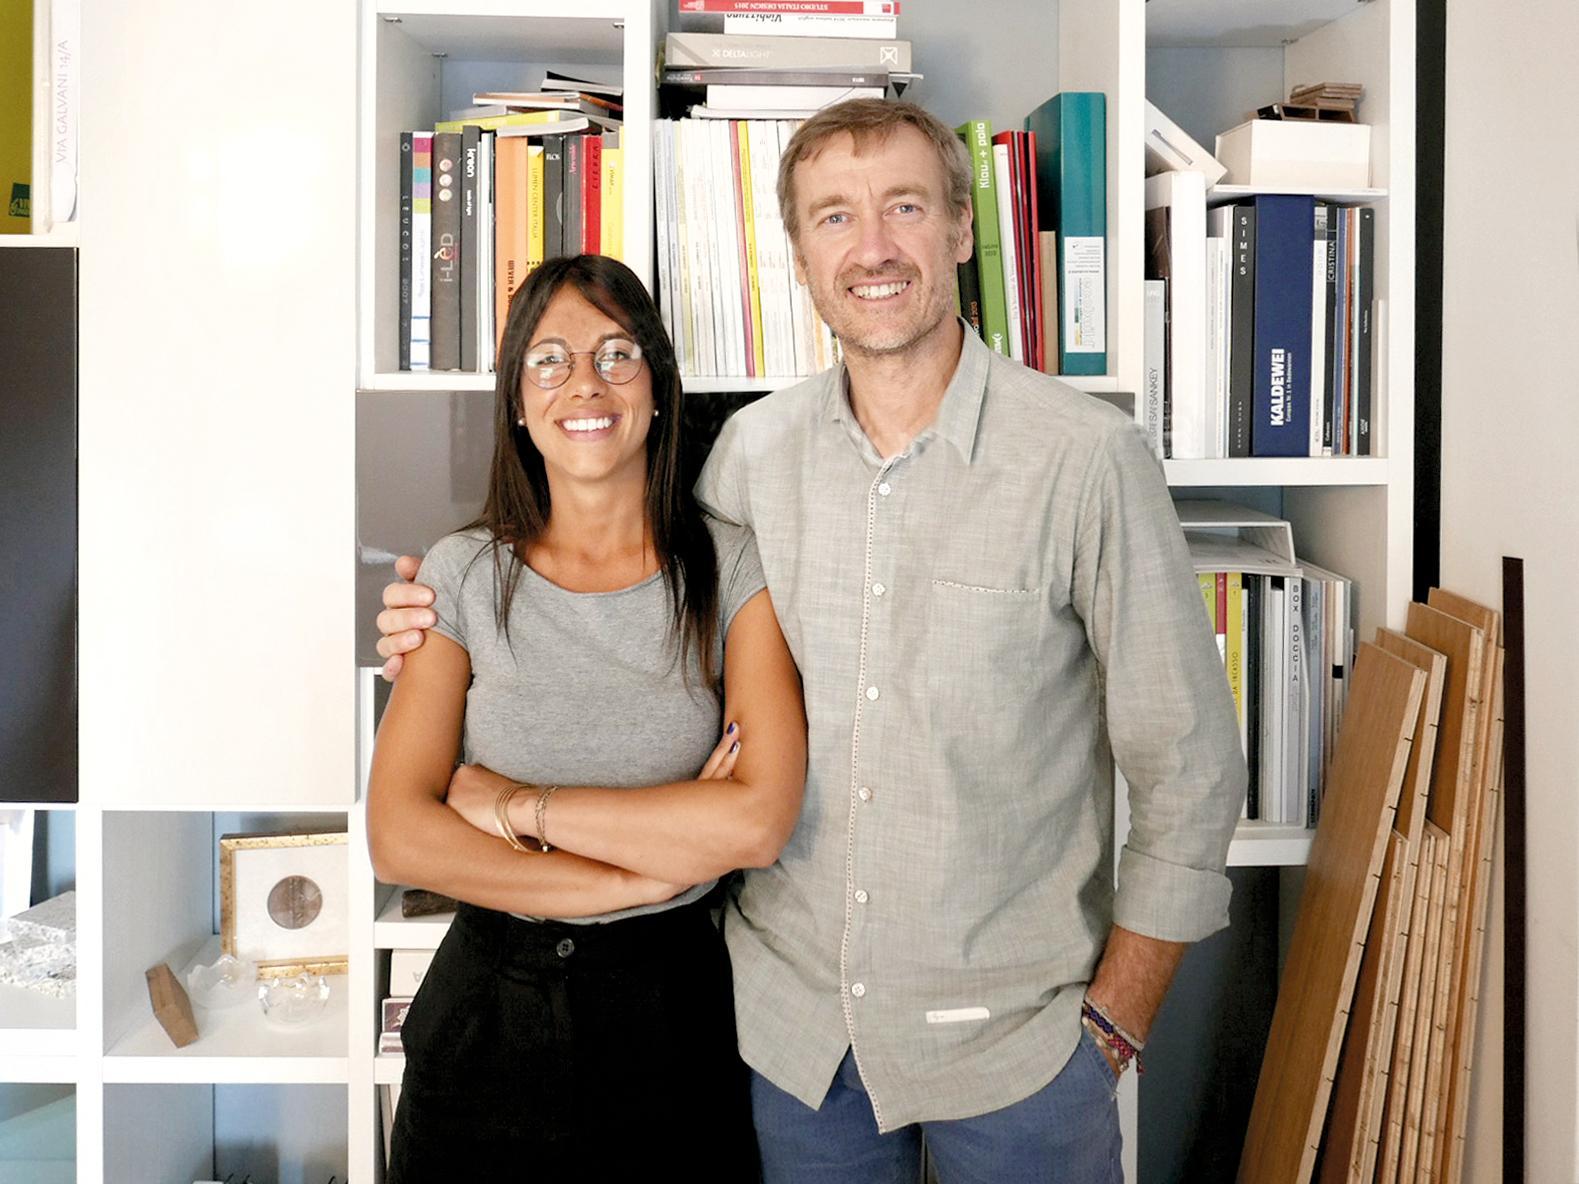 Arch.Albino Finotti and Arch.Francesca Bagnani